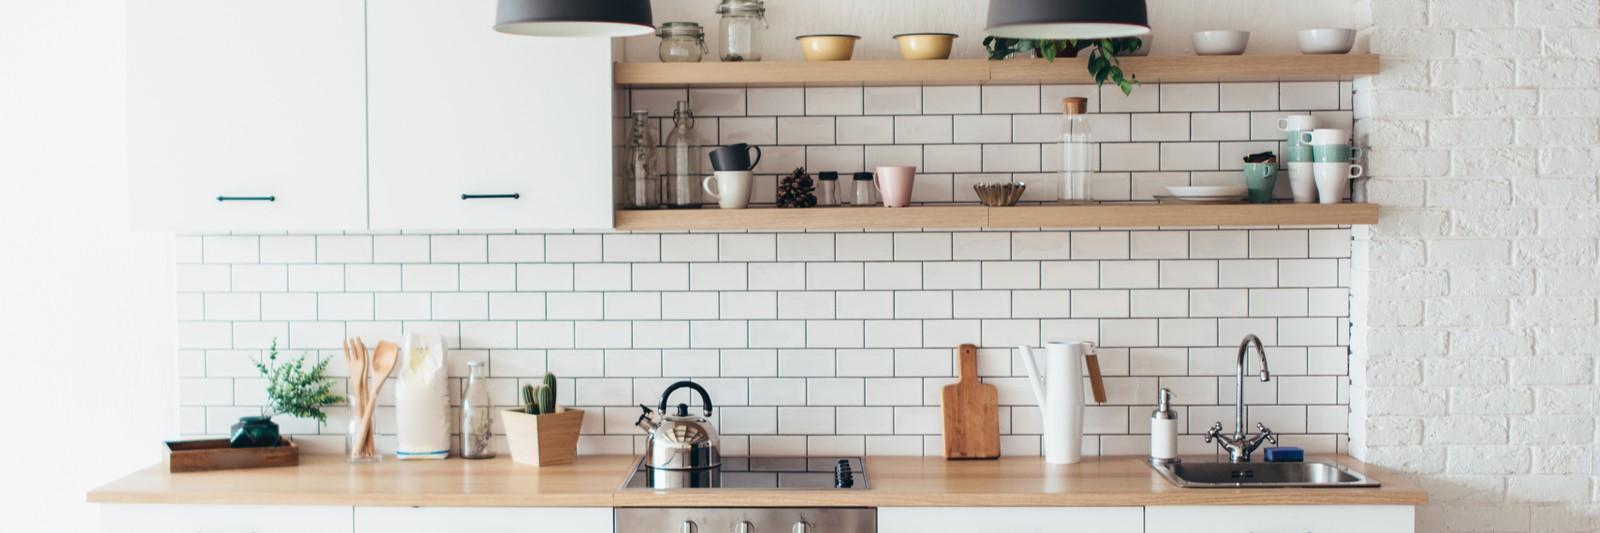 Comment décorer votre cuisine et salle de bain avec des cadres deco ...